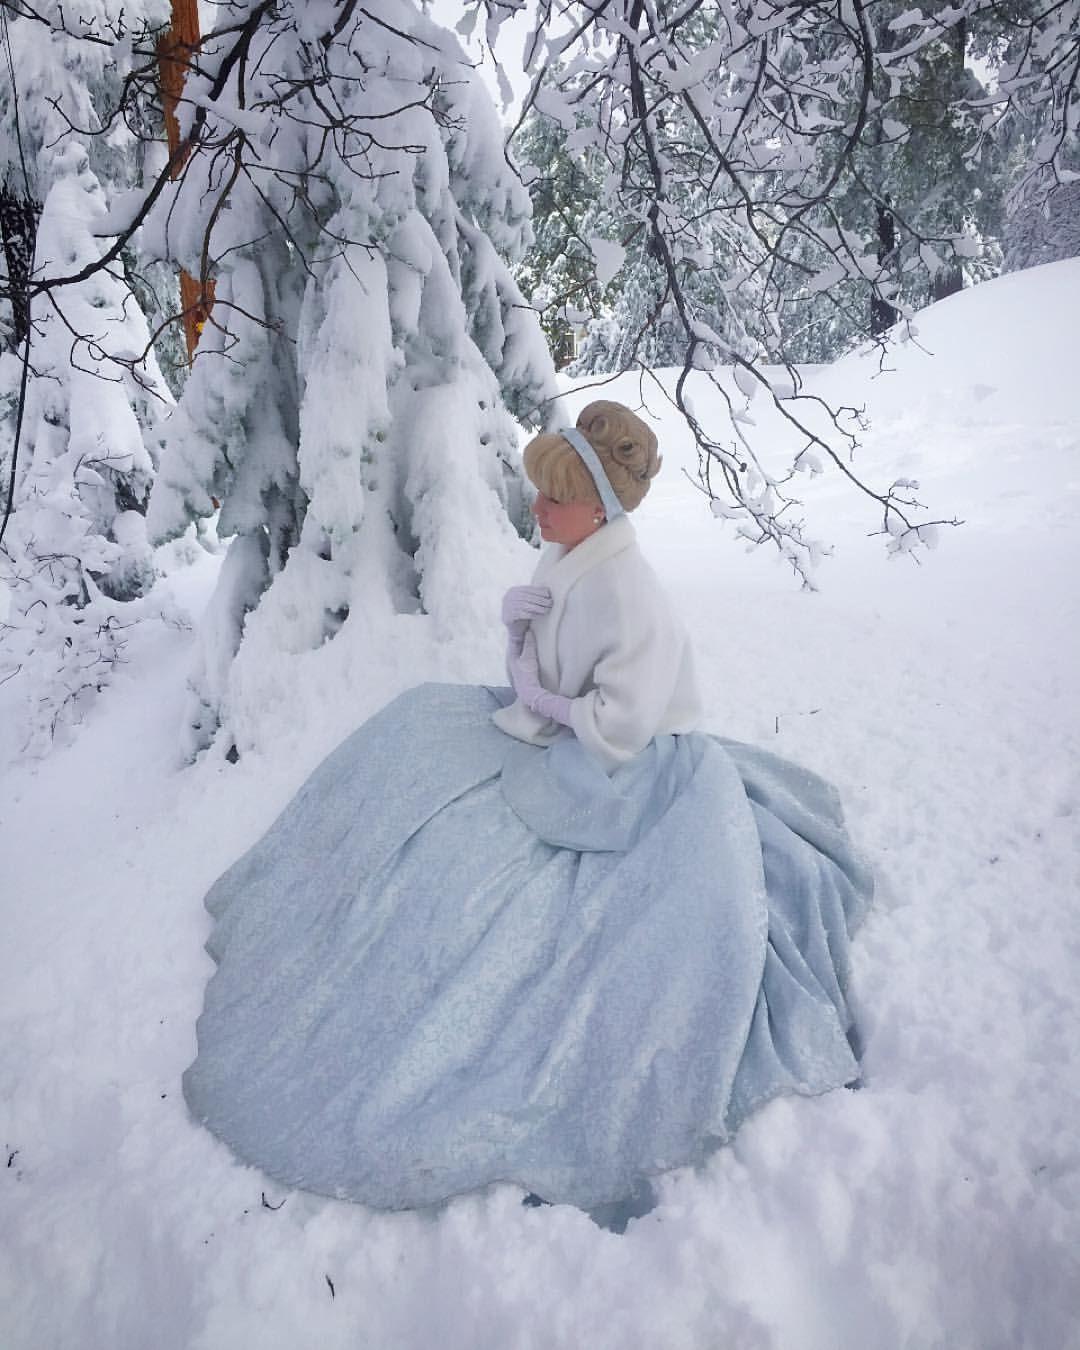 SnowyS Wonderland